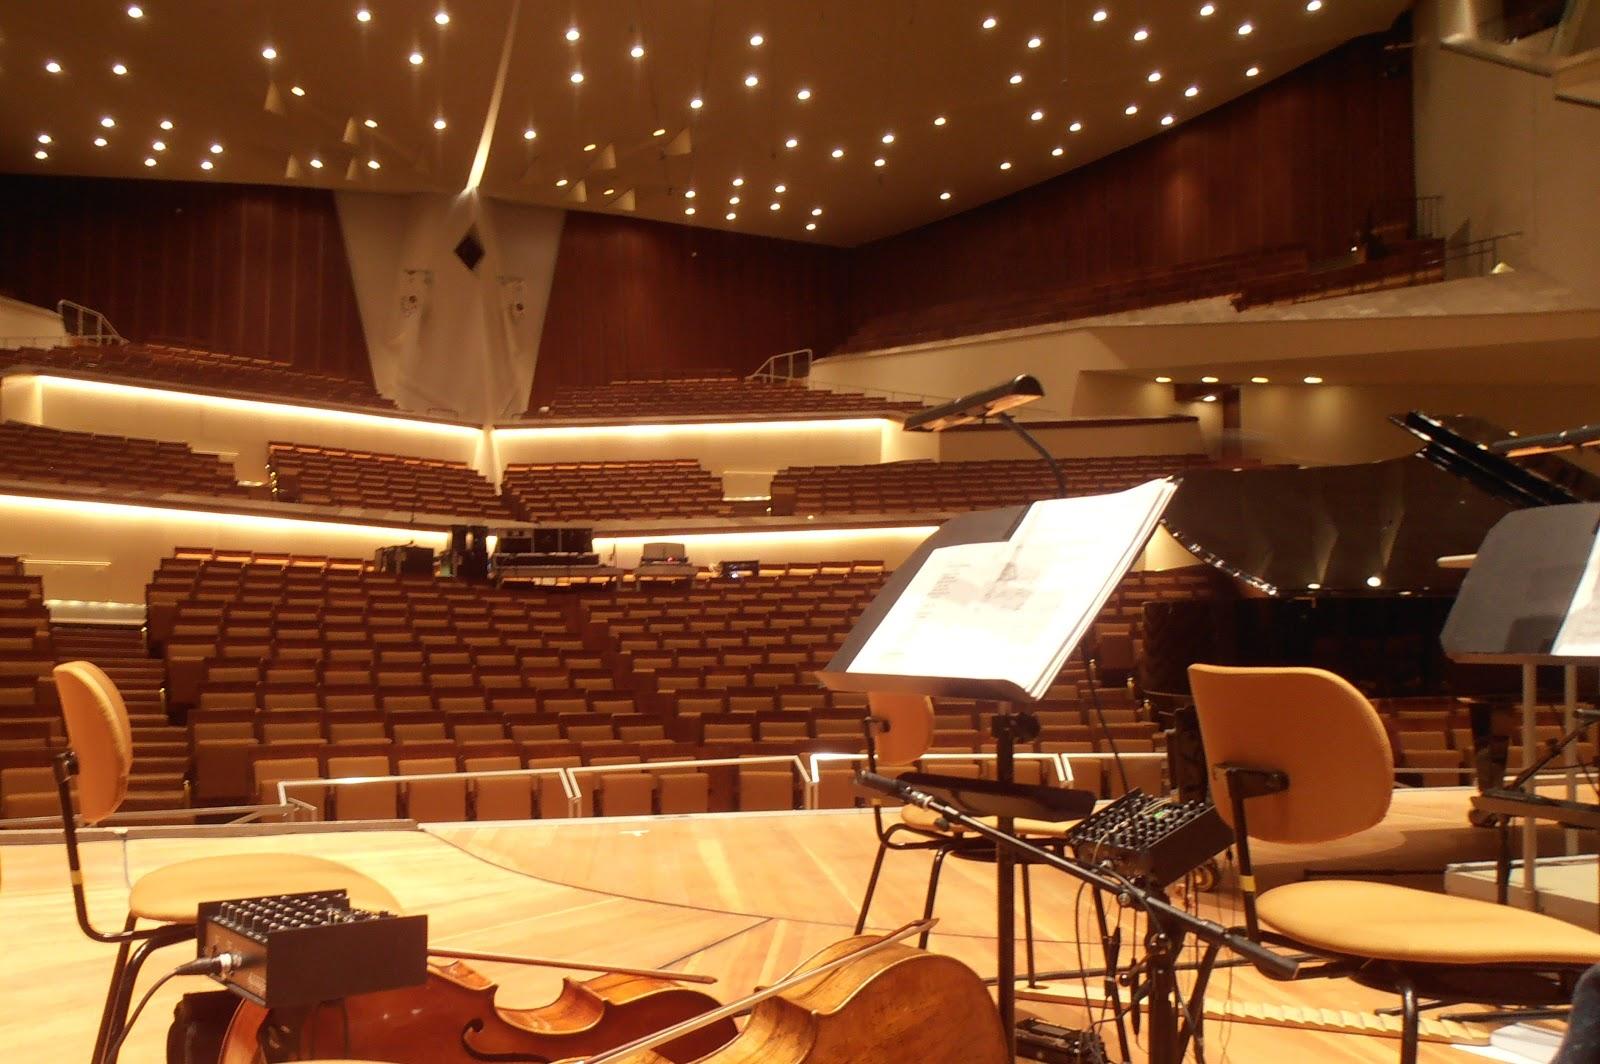 http://2.bp.blogspot.com/-OCLIaDDy08s/UH5vjZWsd3I/AAAAAAAAA14/ZuAkZvCN_nw/s1600/Grote+zaal++Philharmonie.jpg